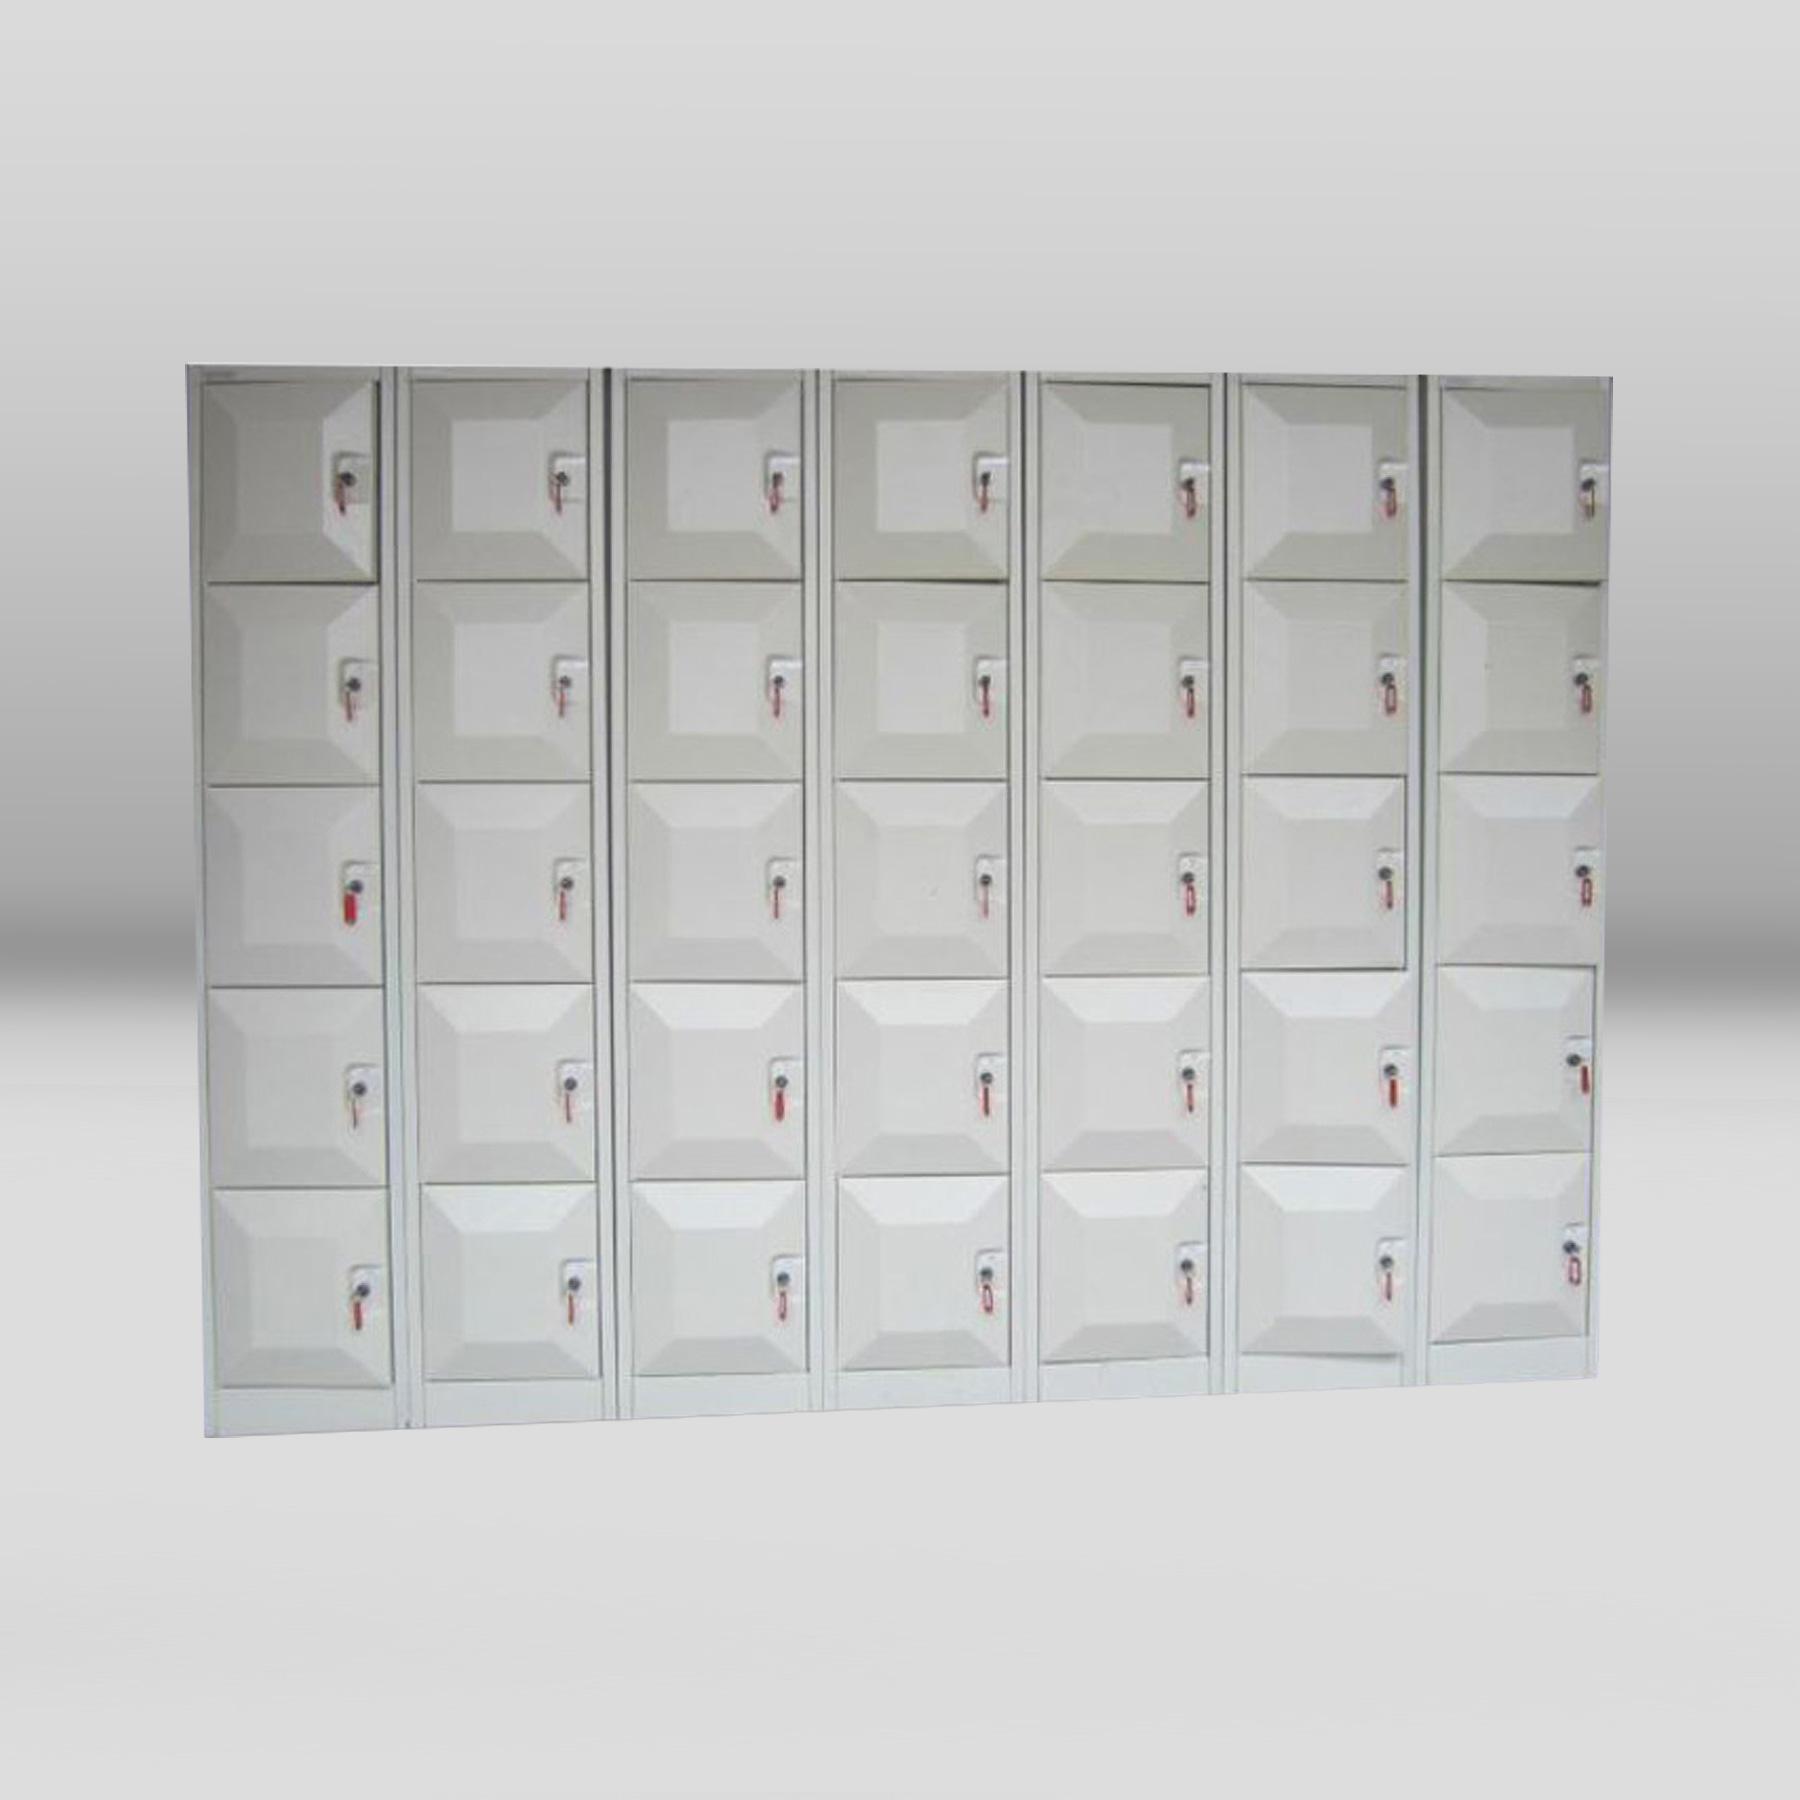 Gebruikte lockers kopen